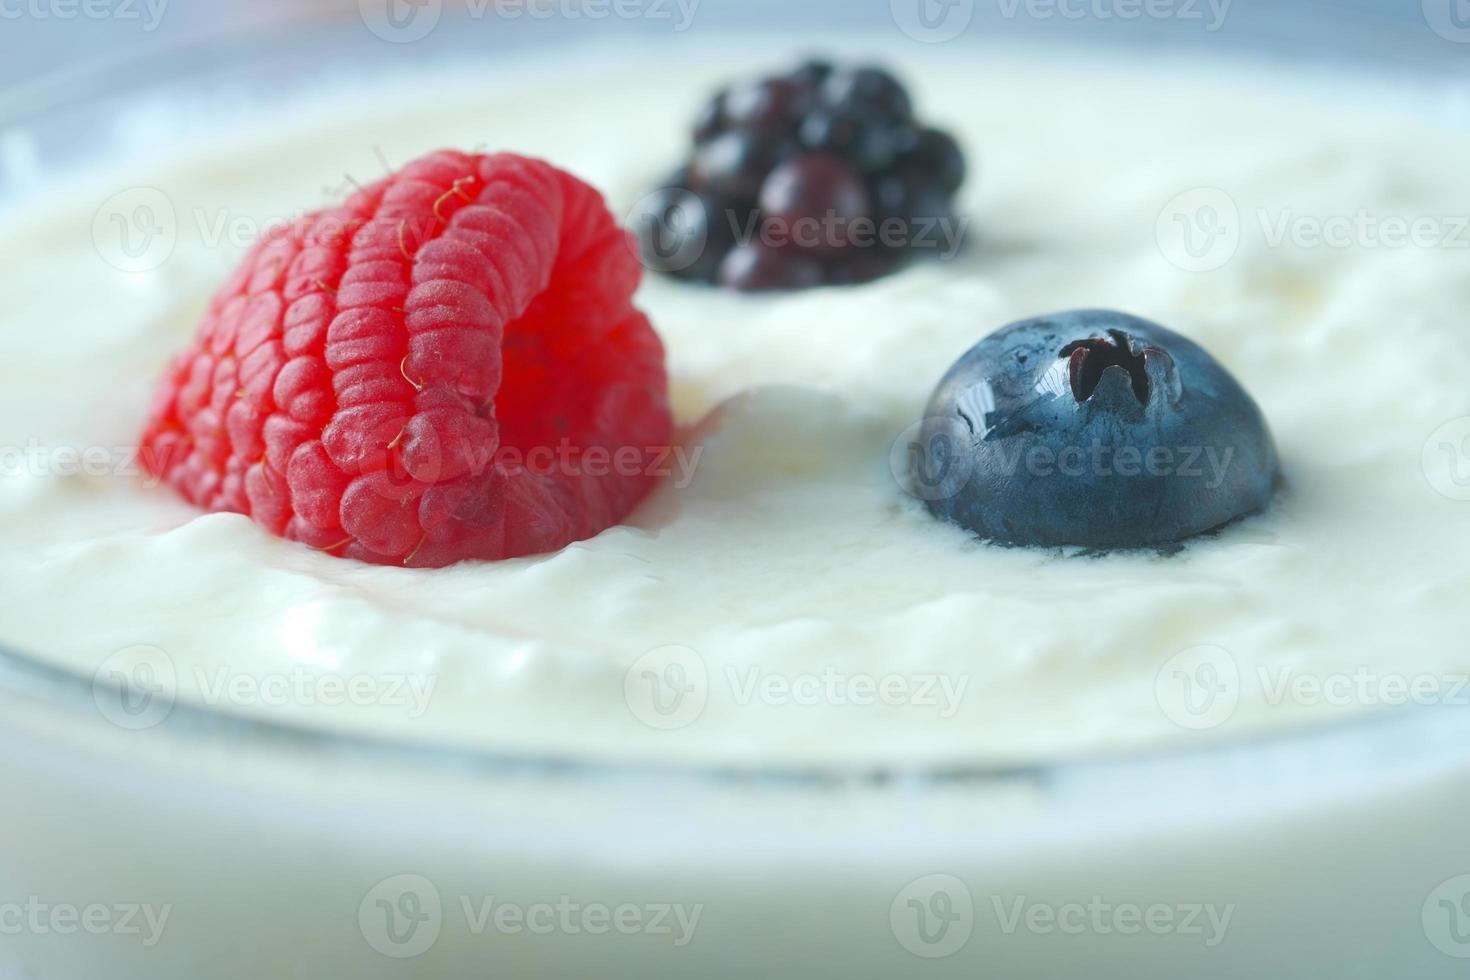 färsk yoghurt med blåbär i en skål foto